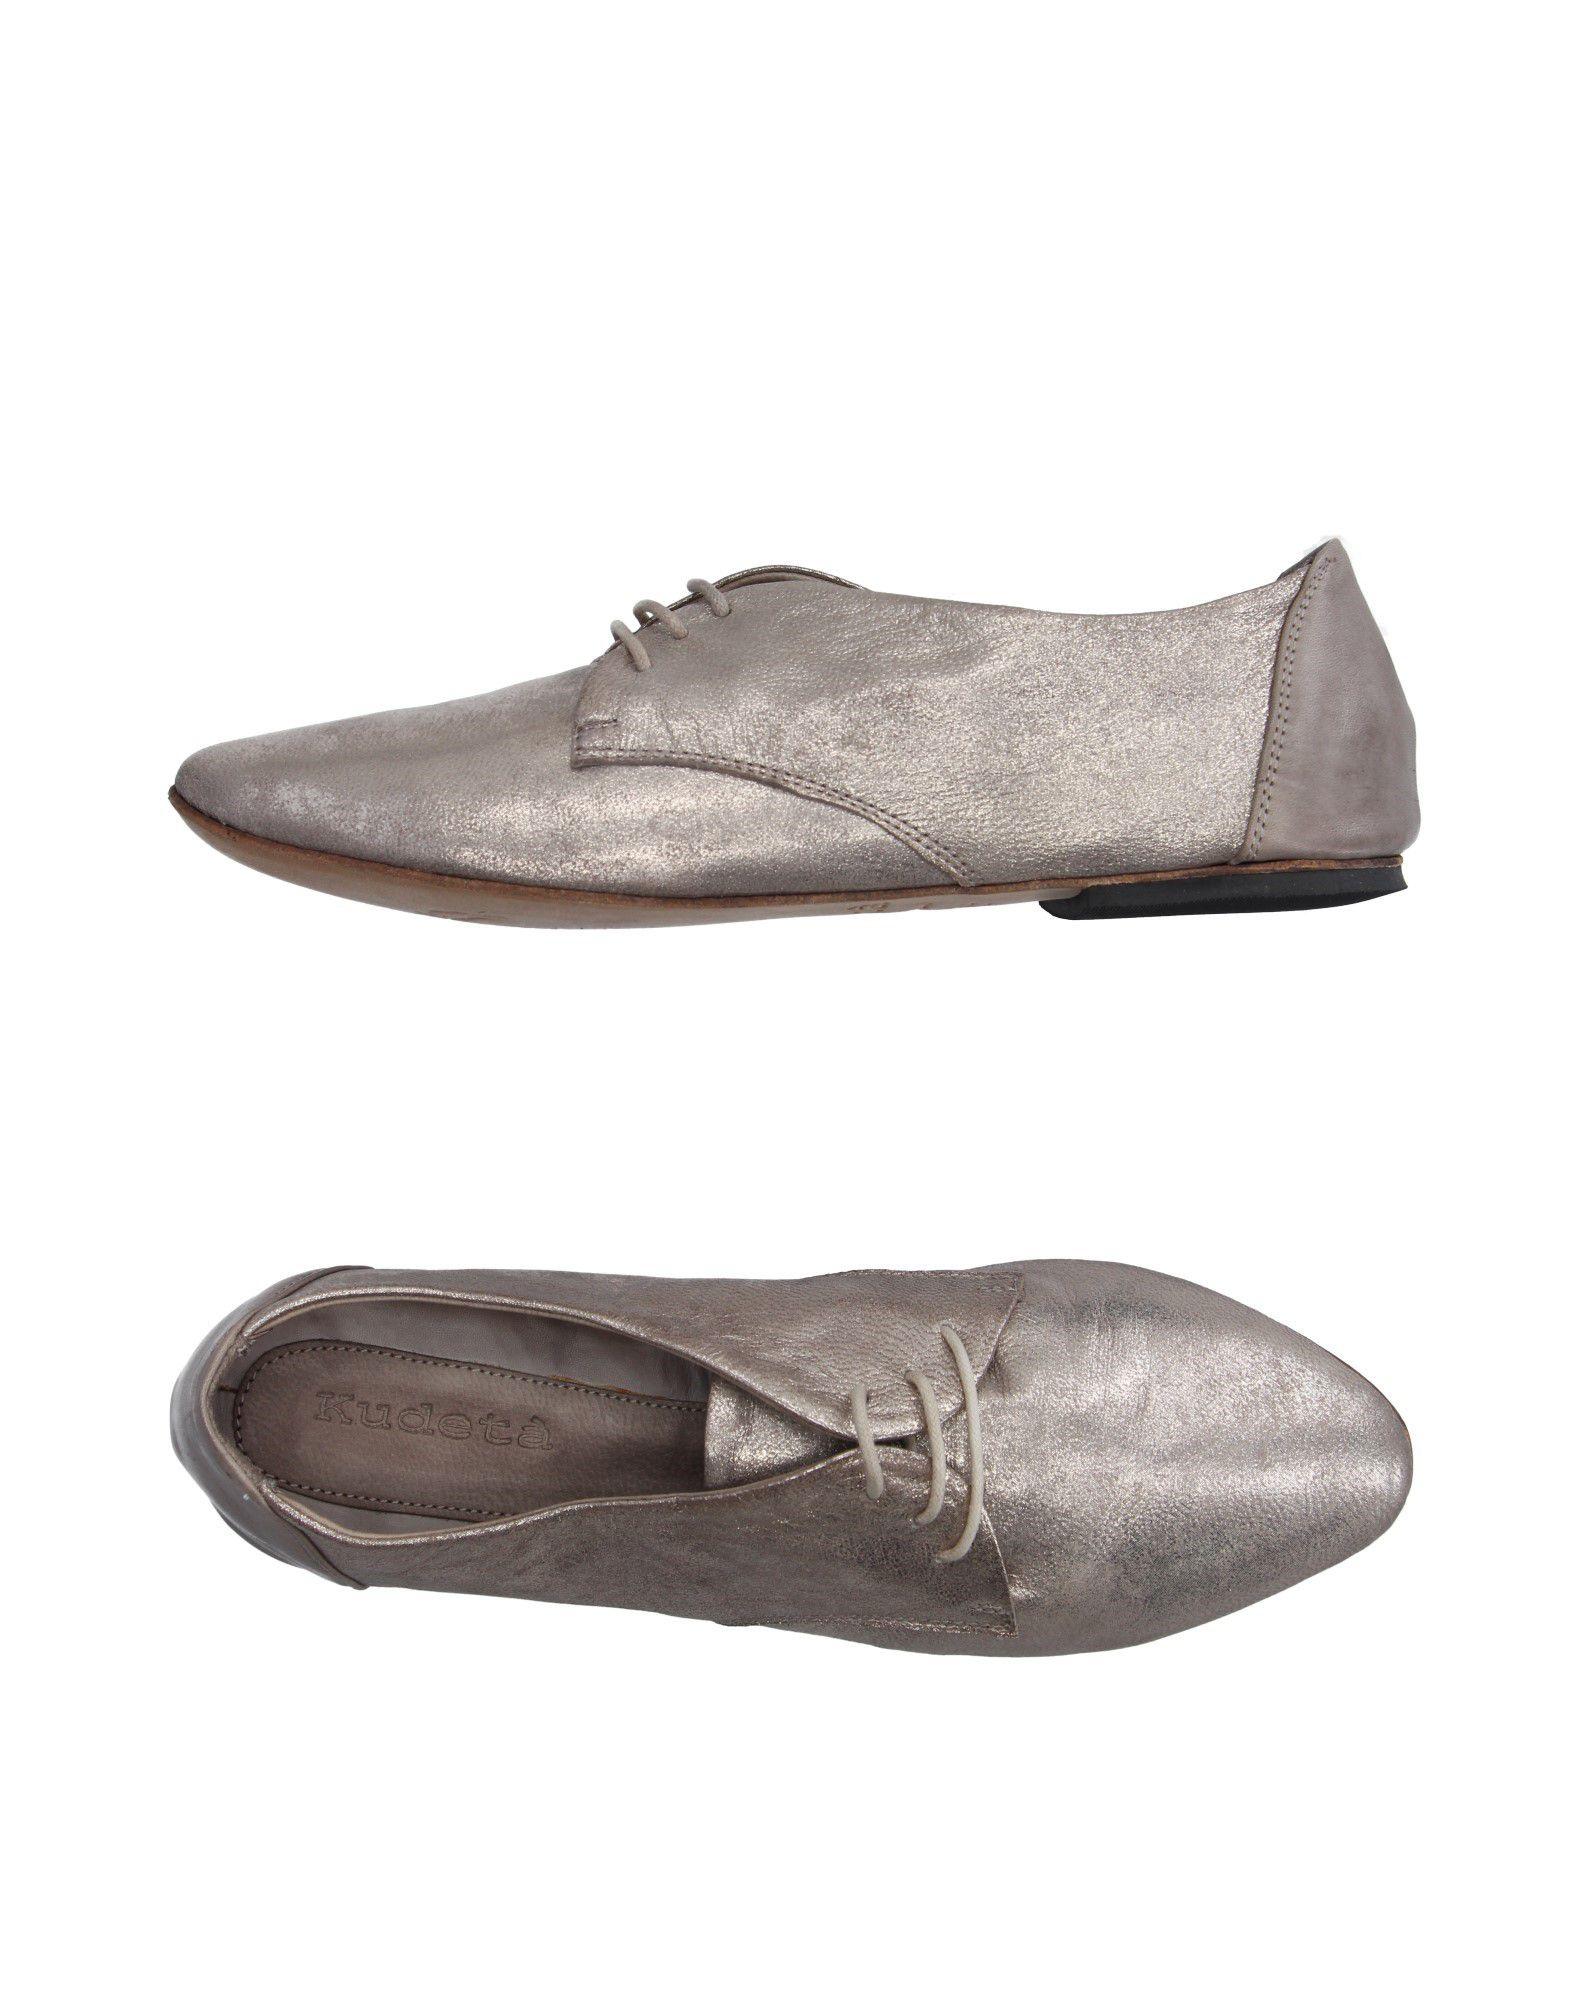 Kudetà Schnürschuhe Damen  11139200DL Gute Qualität beliebte Schuhe